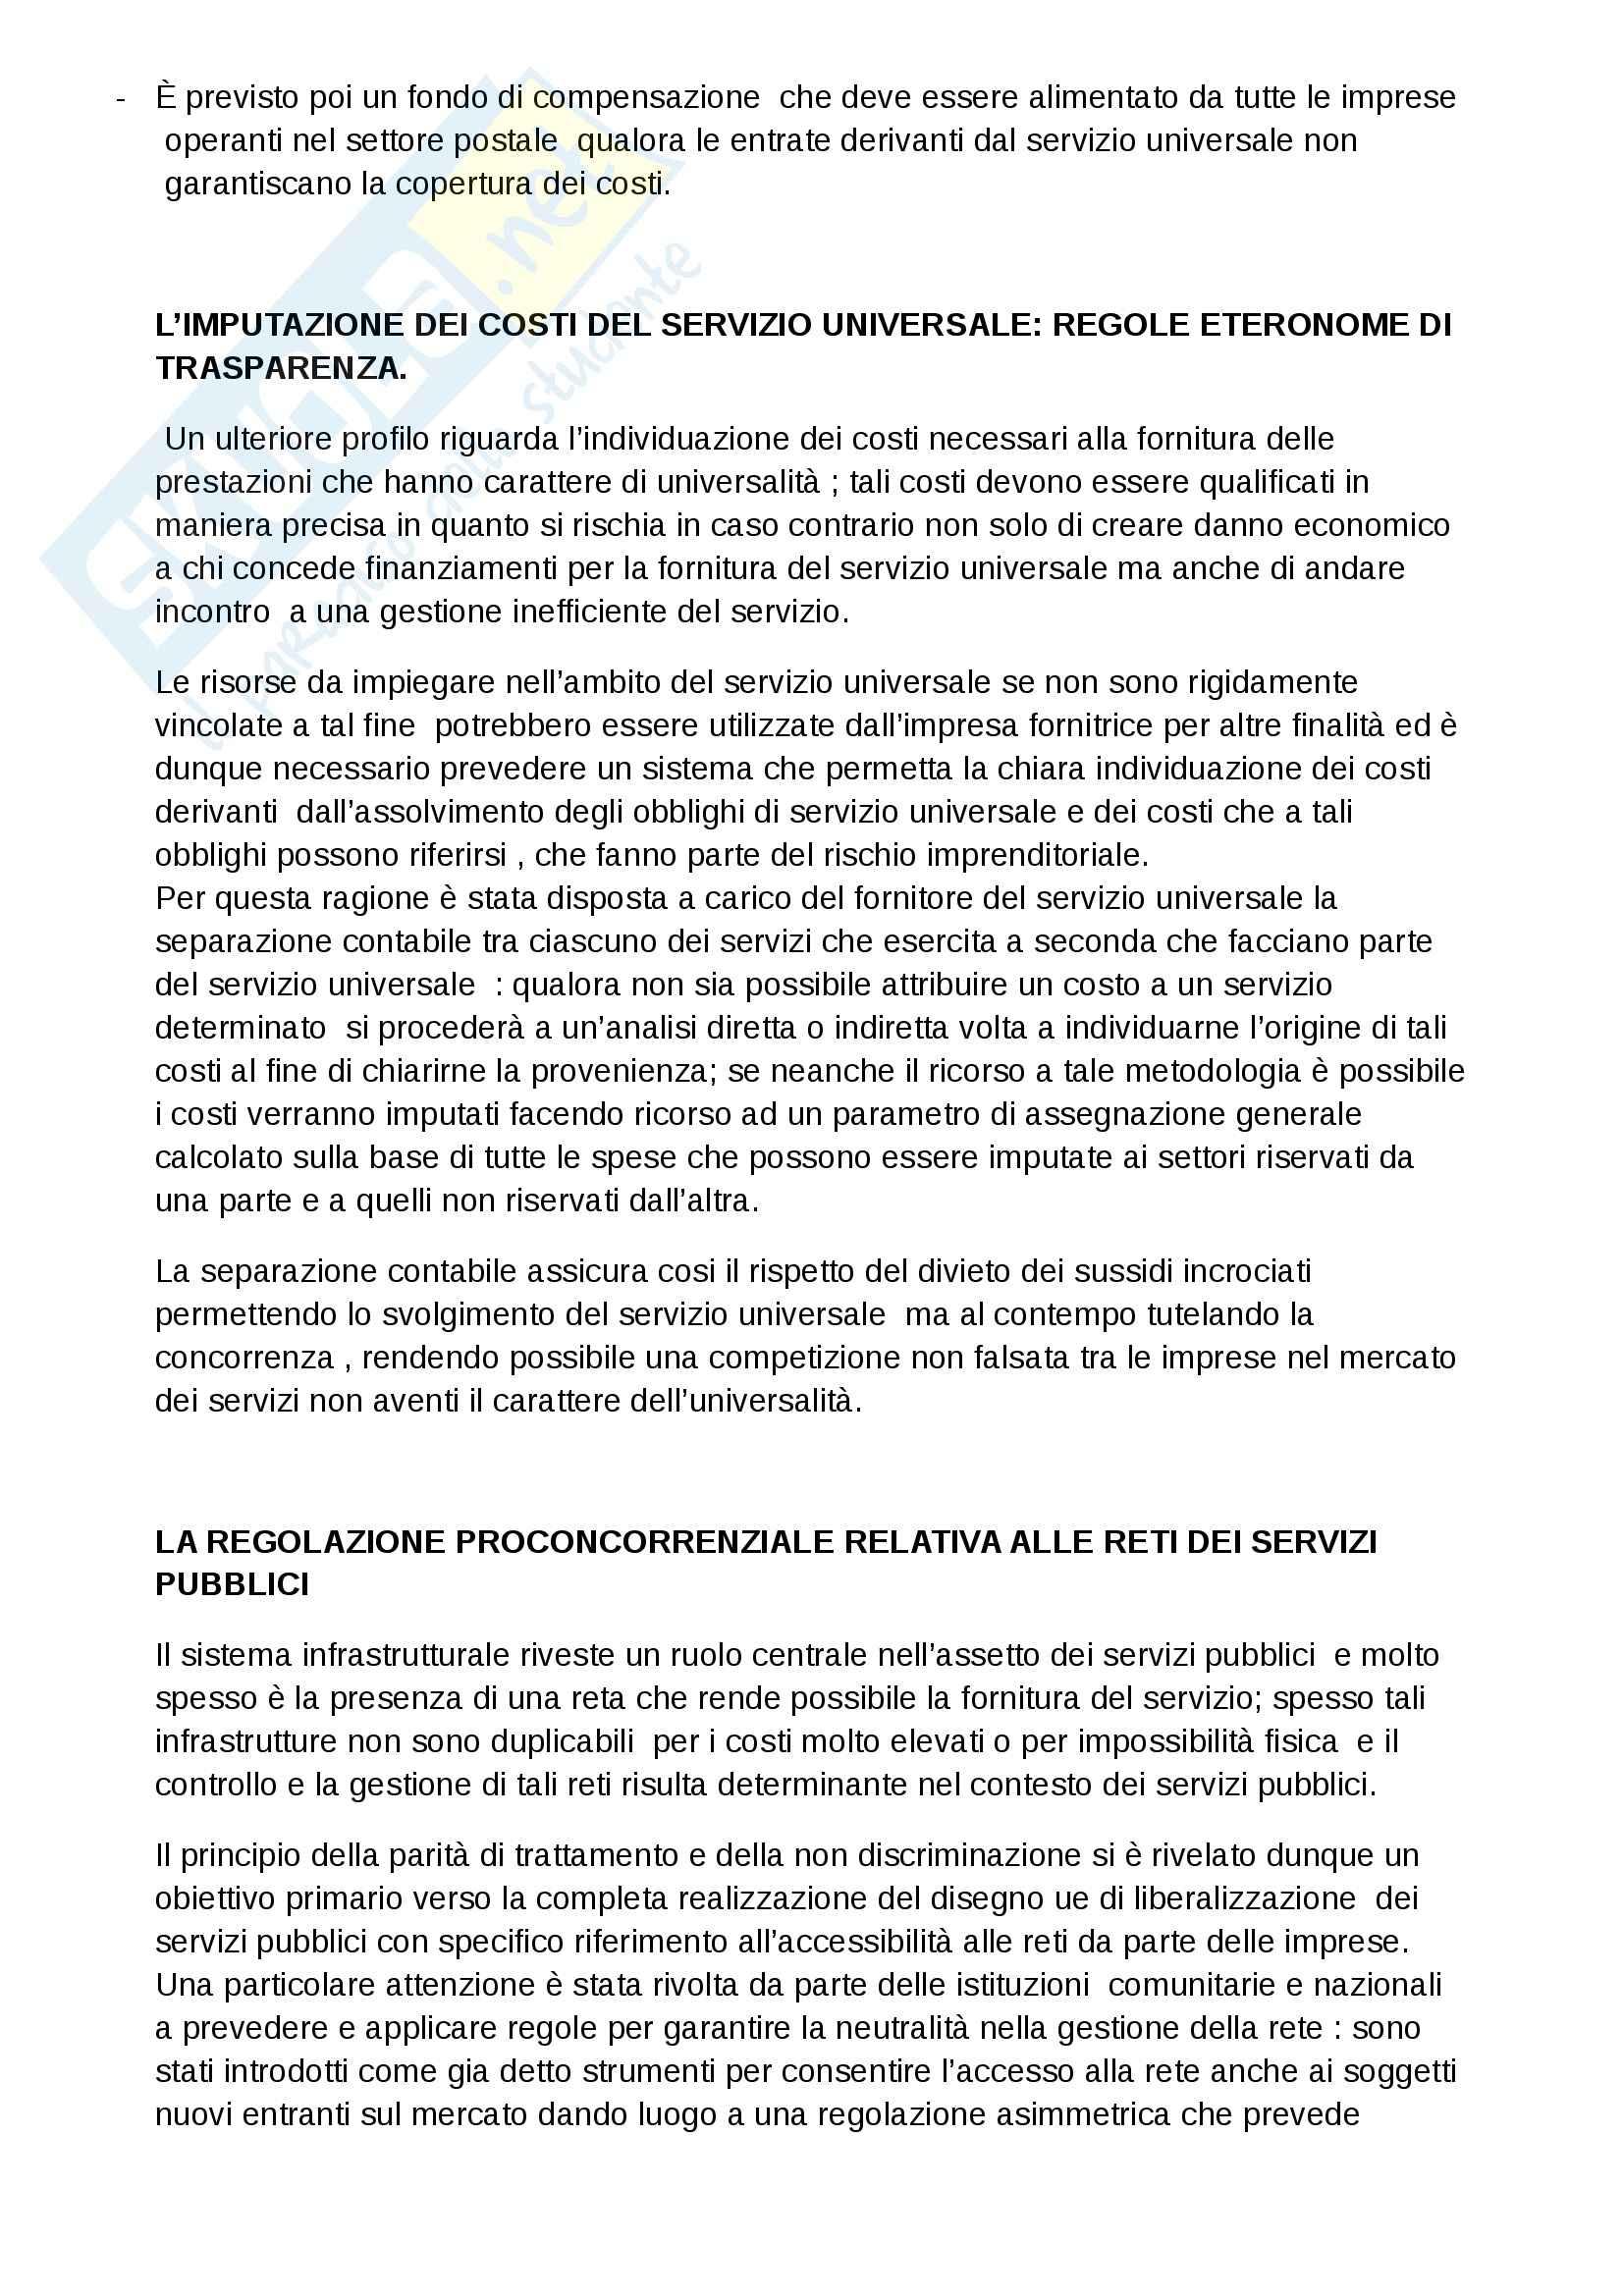 Riassunto esame diritto amministrativo II. prof. Napolitano, libro consigliato Lezioni di diritto amministrativo progredito, Torchia Pag. 51